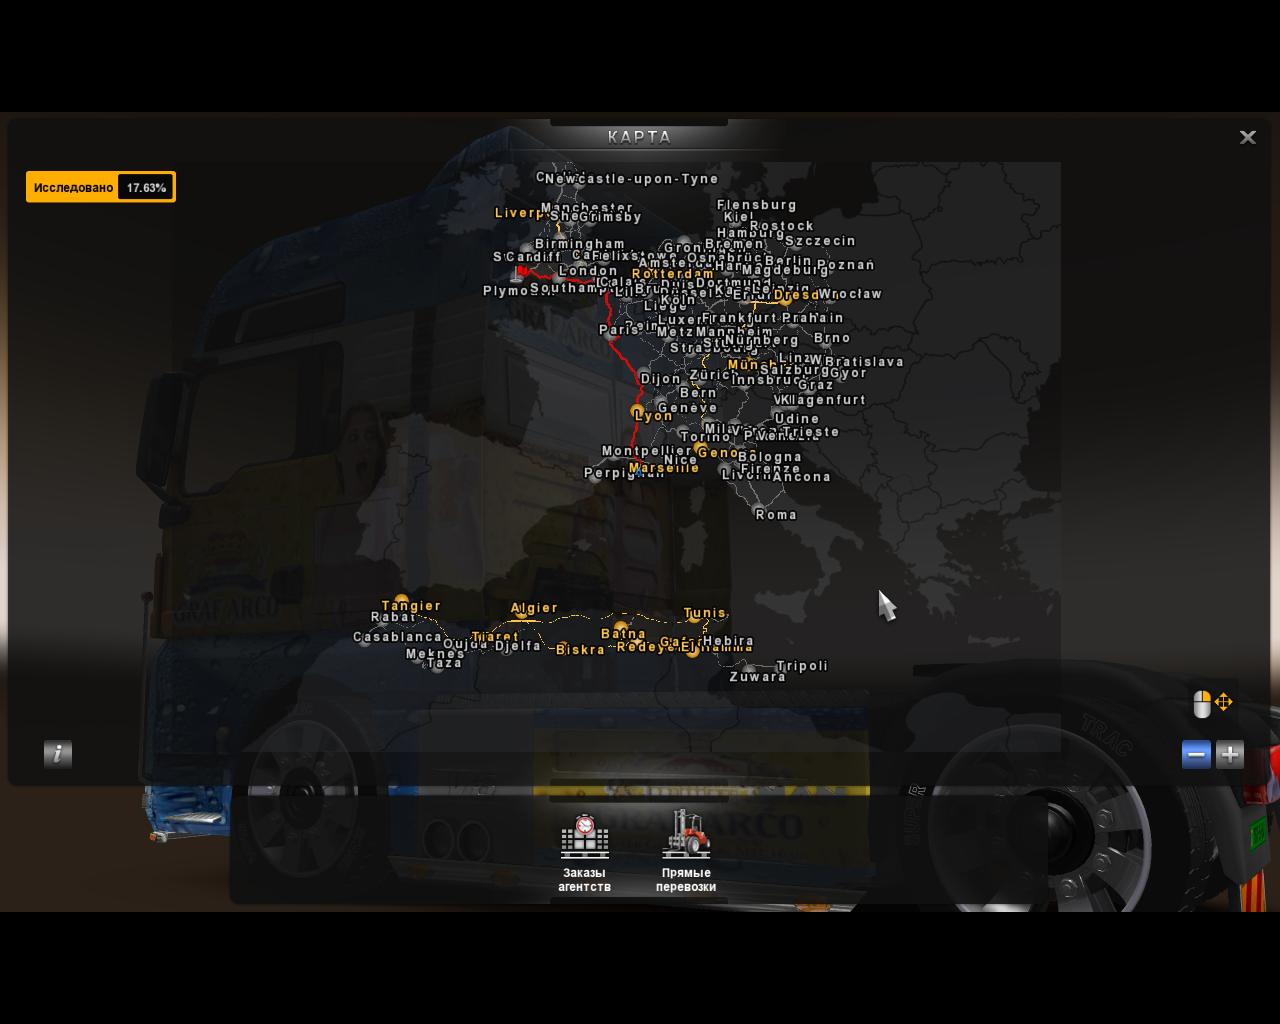 Евро трек симулятор 2 украина скачать игру